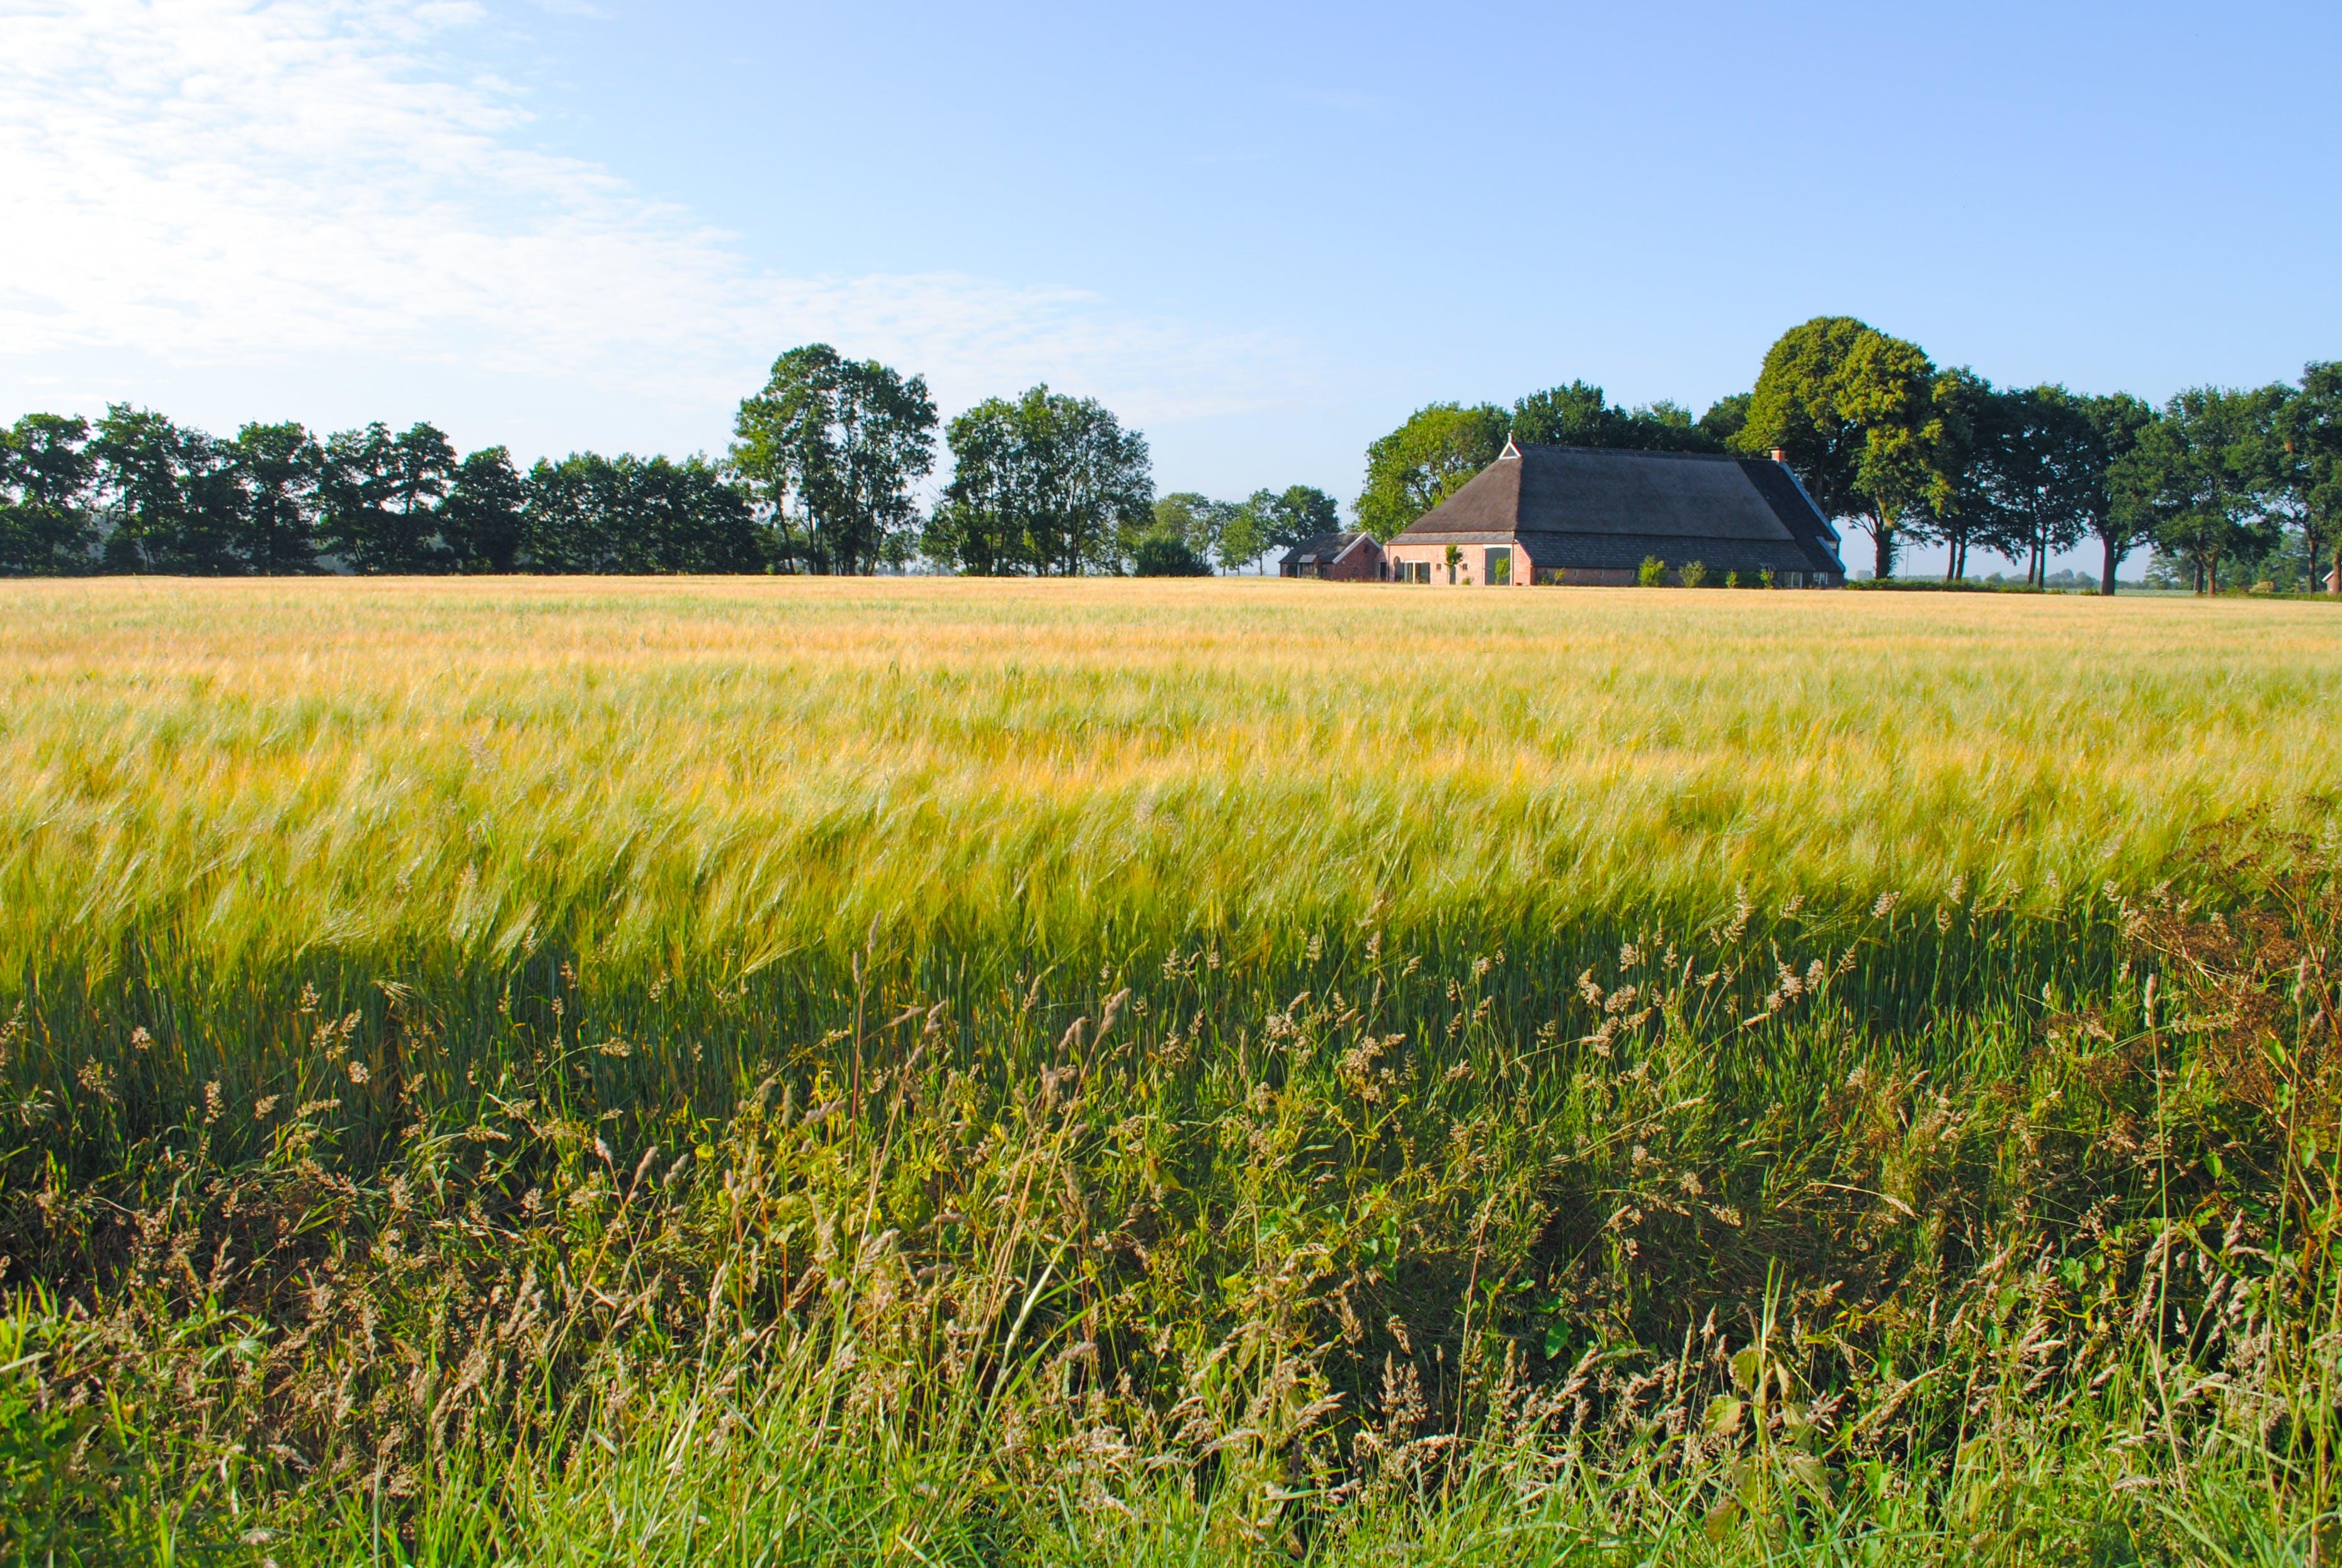 Kostnadsfri bild av åkermark, bete, bondgård, fält